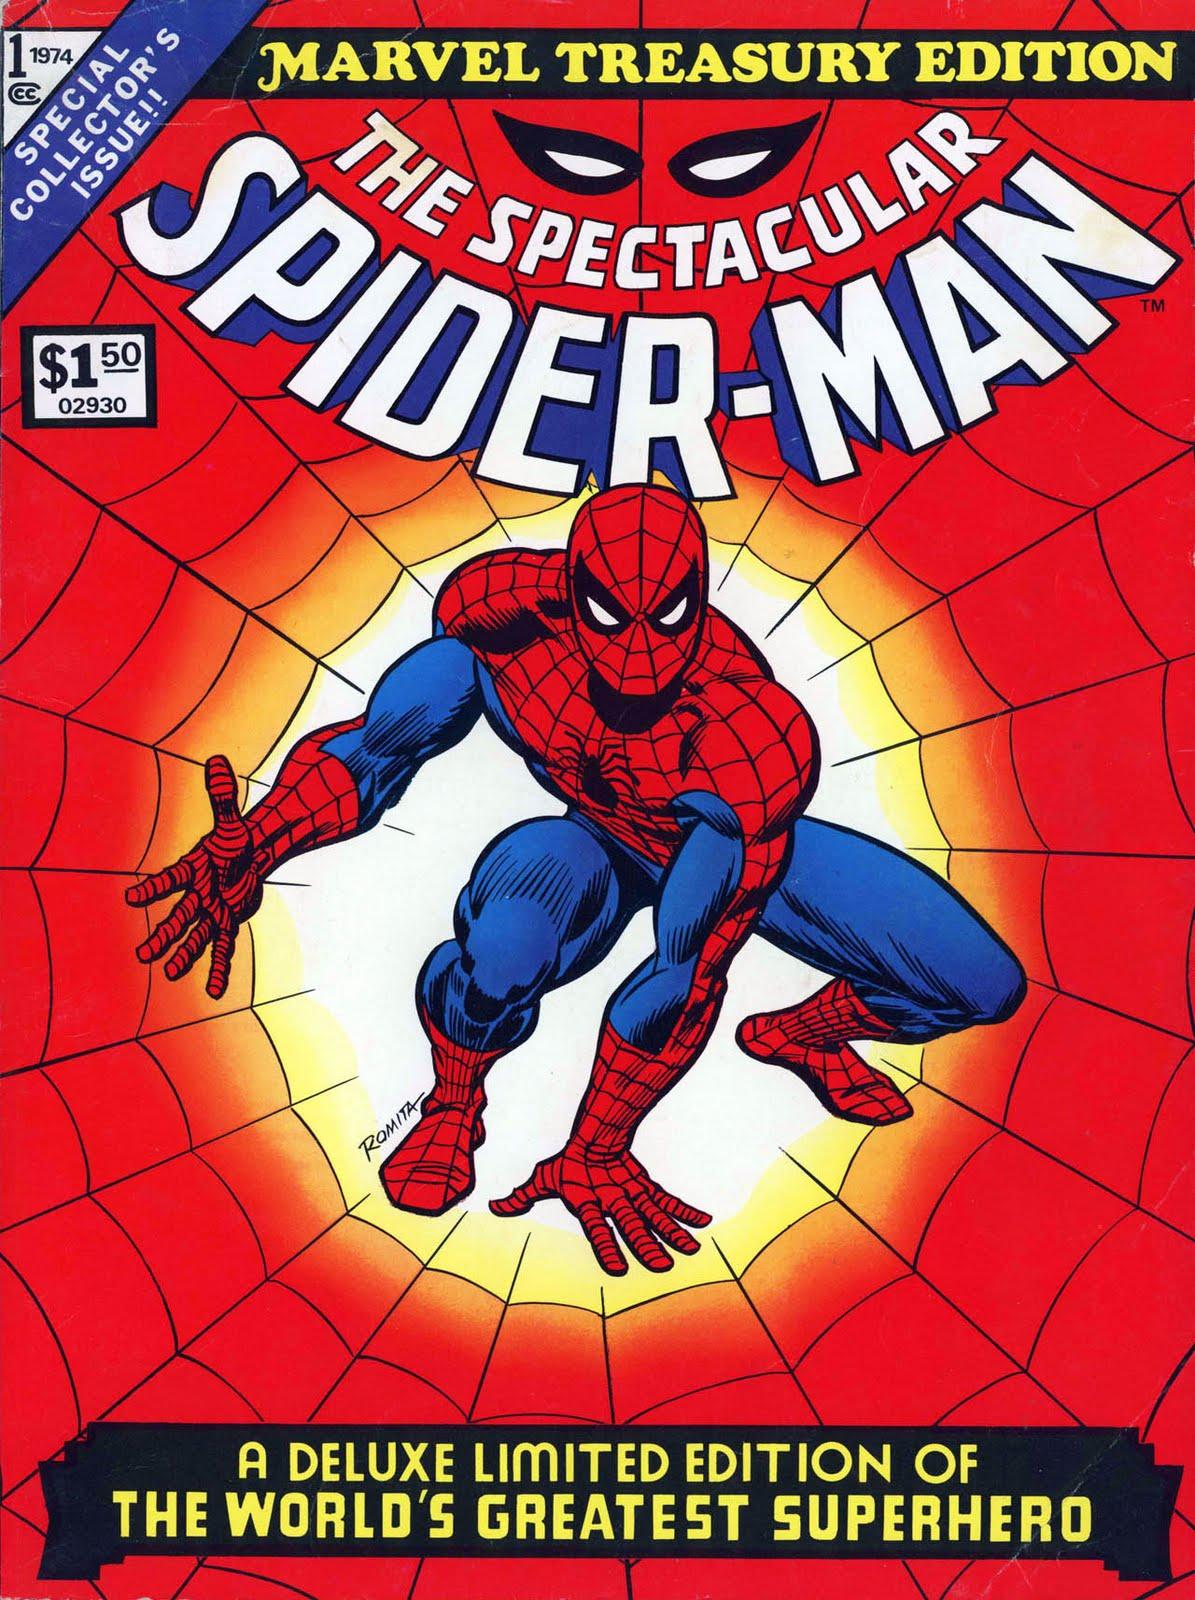 savage tales marvel treasury edition 1 spider man. Black Bedroom Furniture Sets. Home Design Ideas